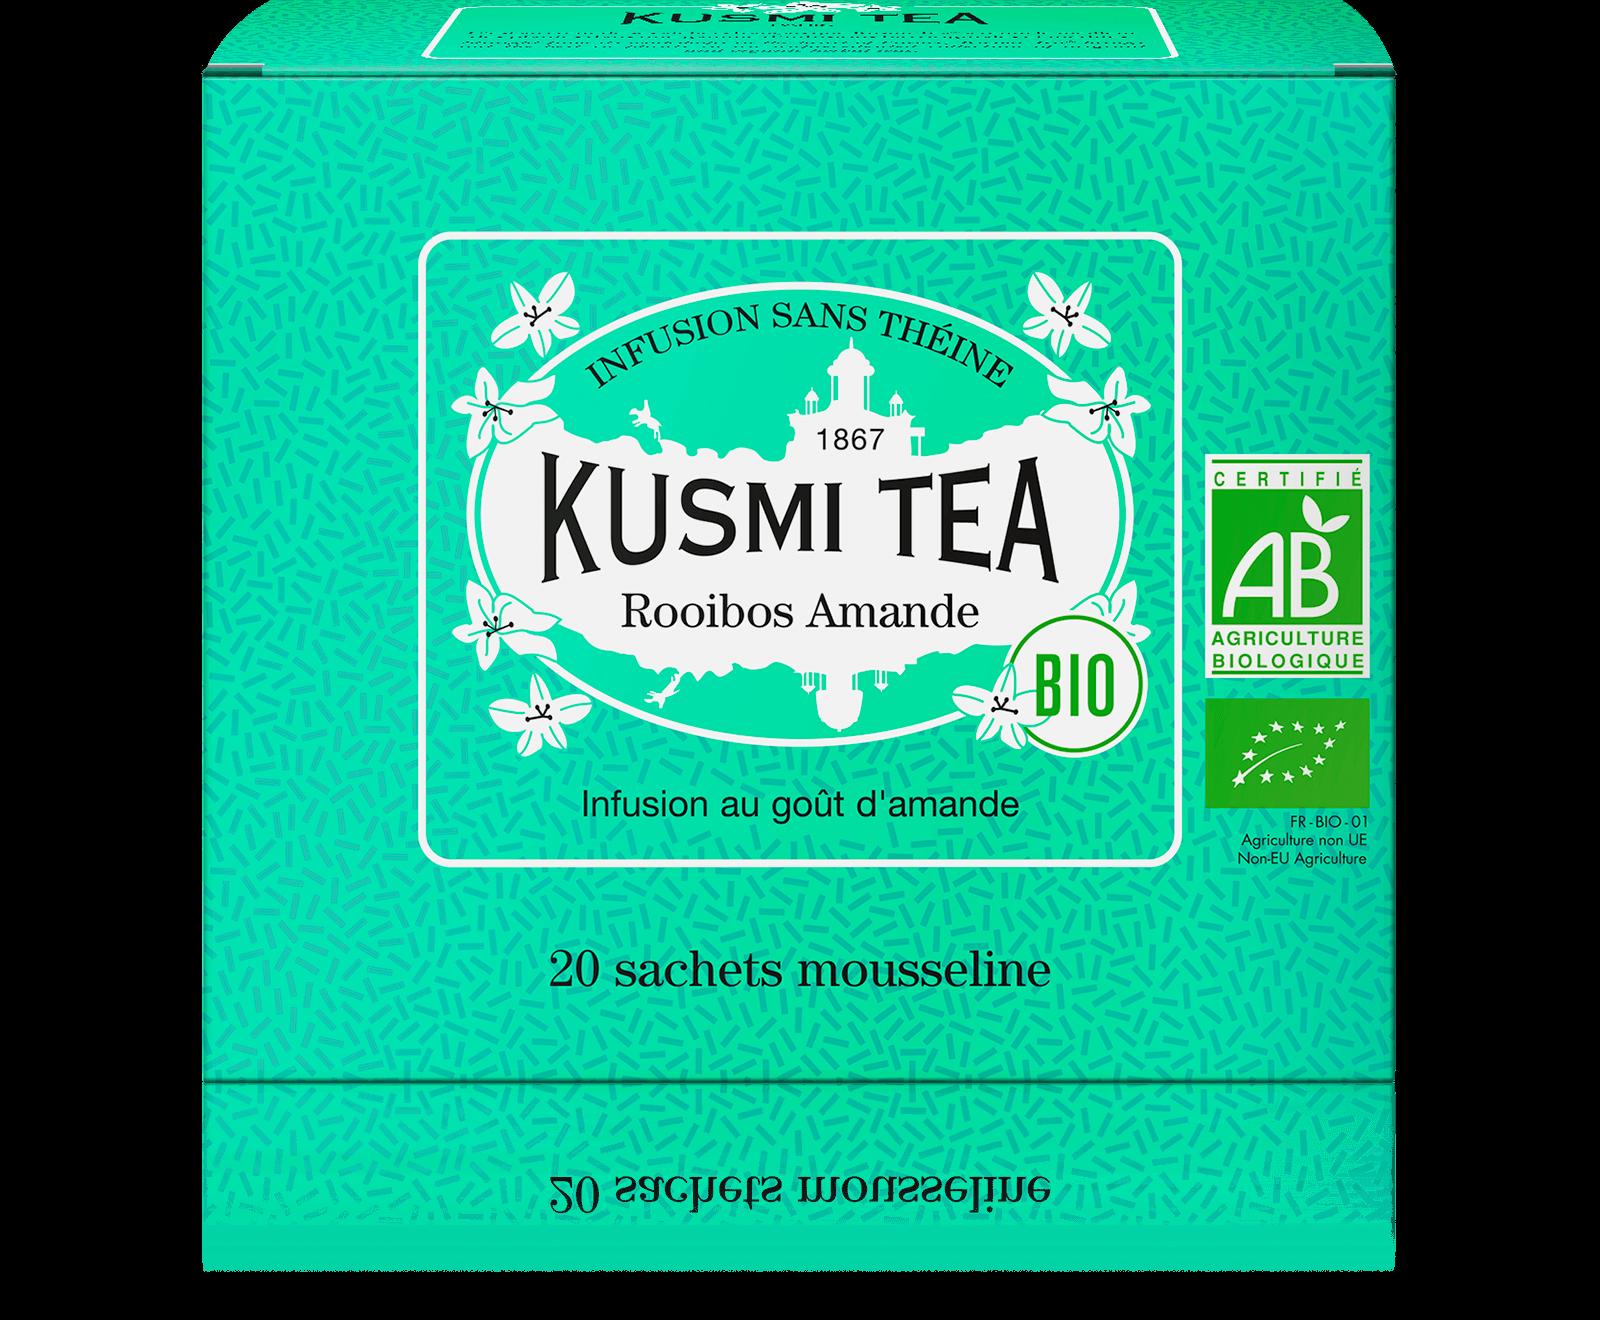 Rooibos Amande Infusion bio - Infusion au goût d'amande - Sachets de thé - Kusmi Tea